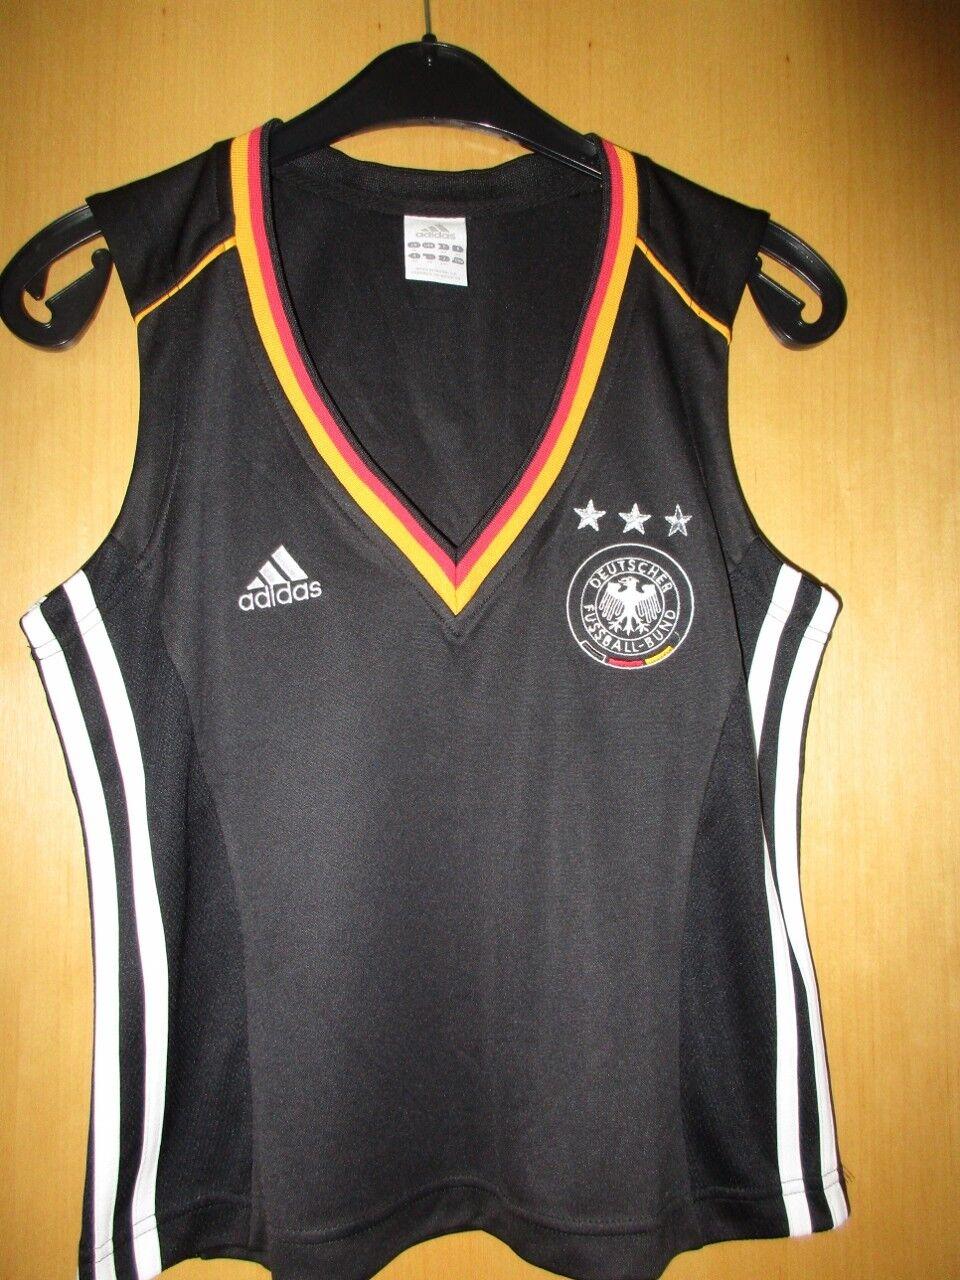 Adidas Top Fußball Tanktop Deutschland Nr. 13, schwarz, Gr. 42, Rarität 2004